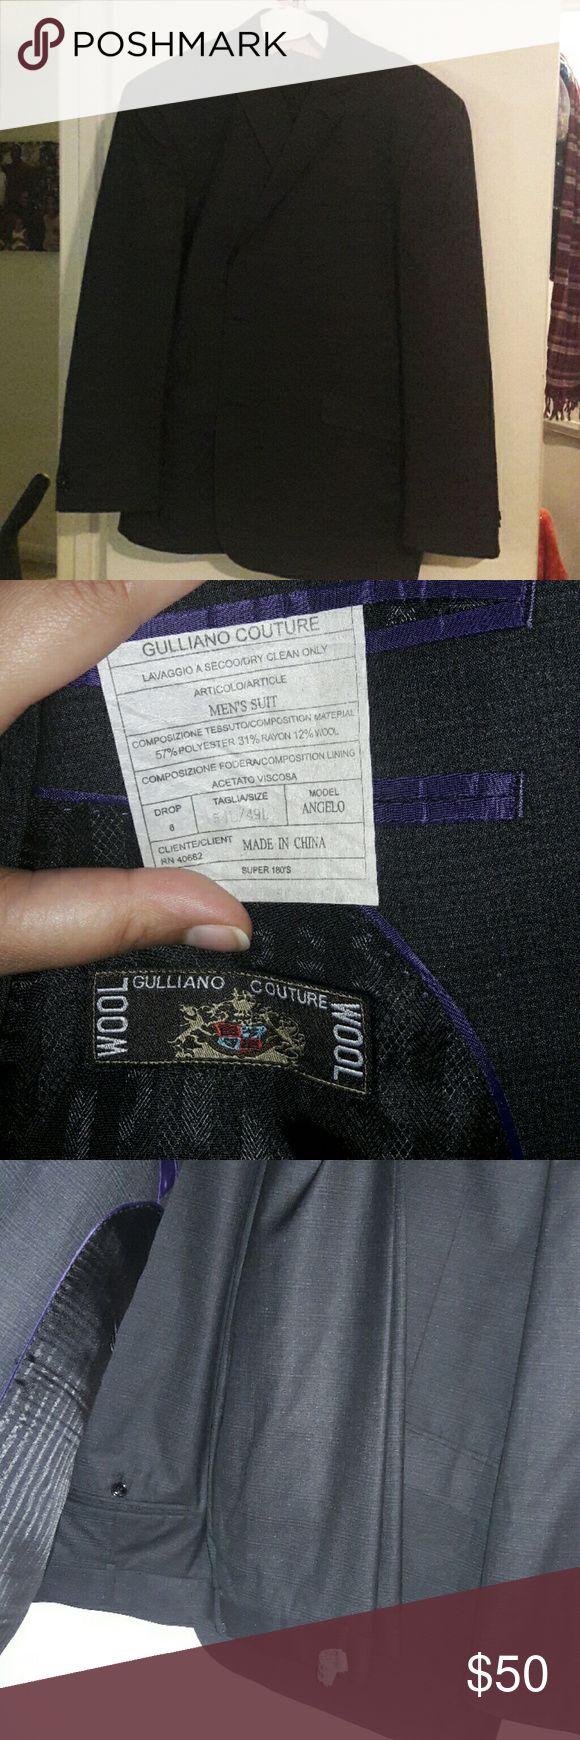 Men's pant suit size 54L/49L Black men's pant suit size 54L/49L Gulliano Couture Suits & Blazers Suits